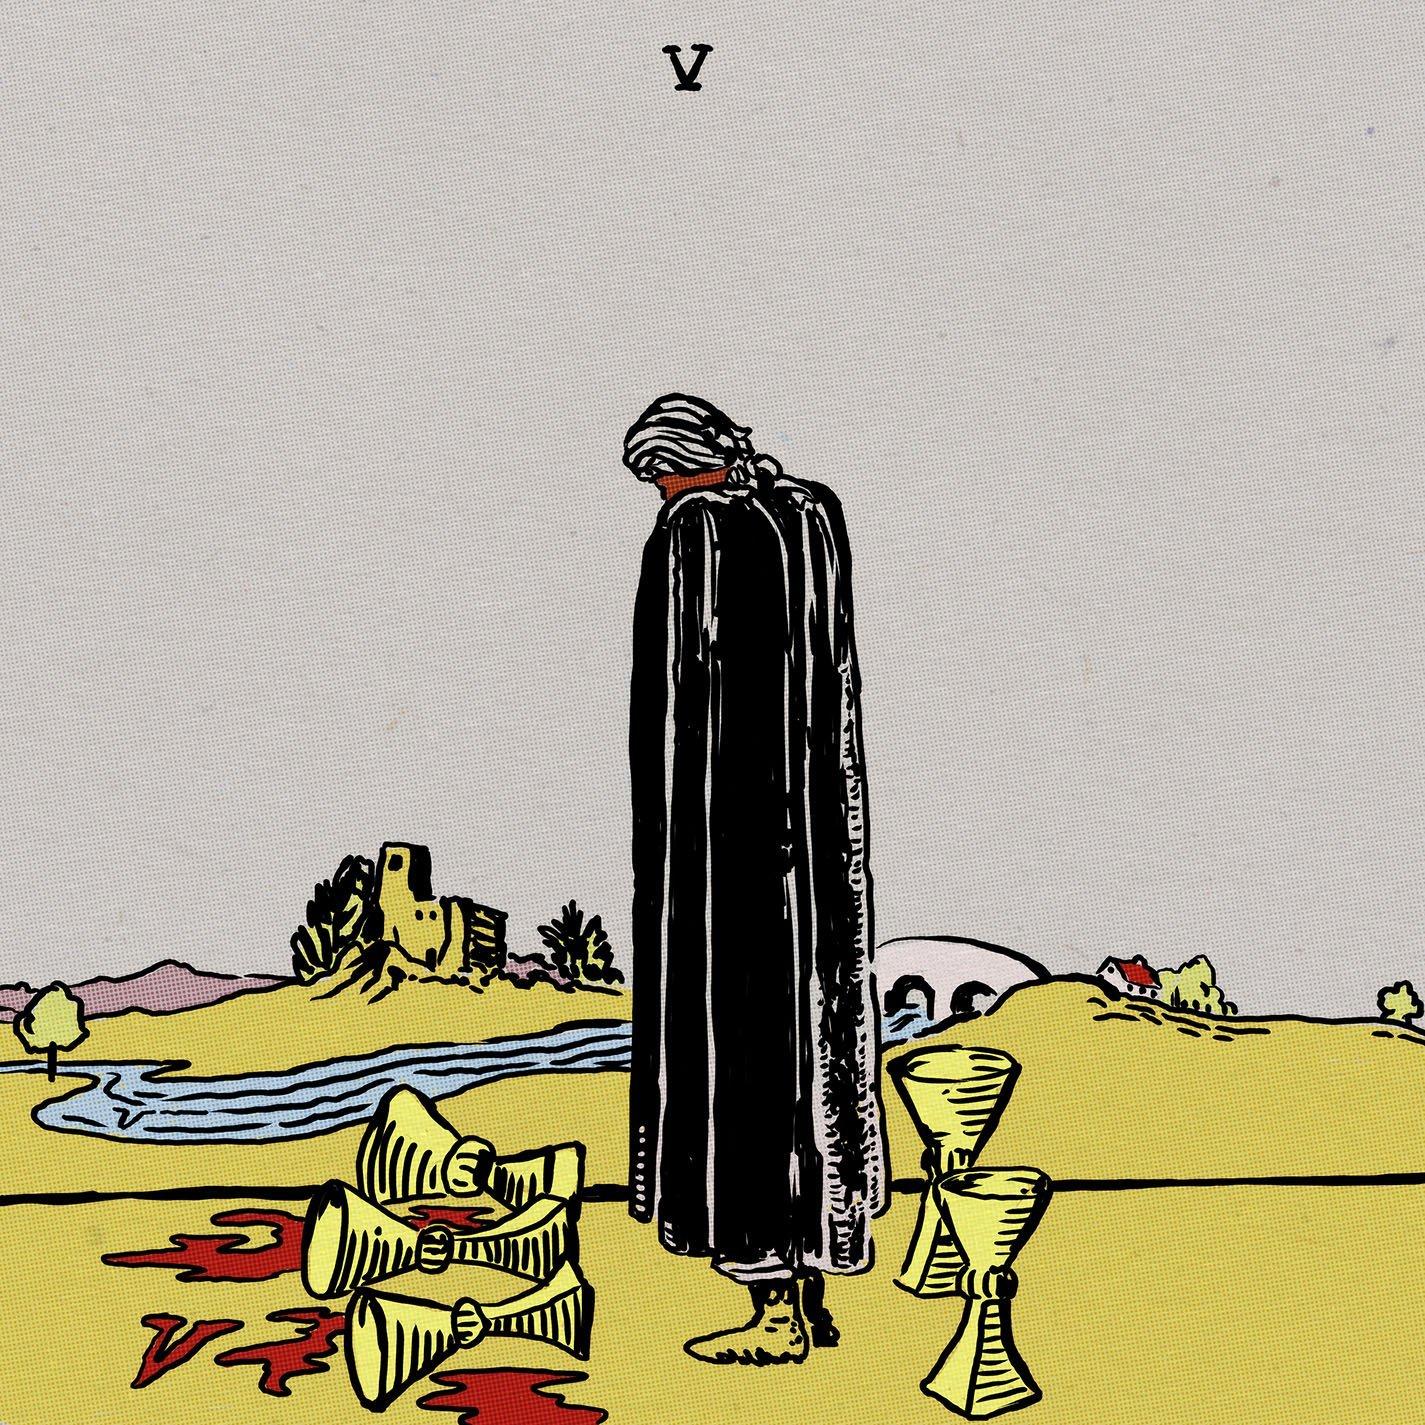 Wavves: V [Album Review]